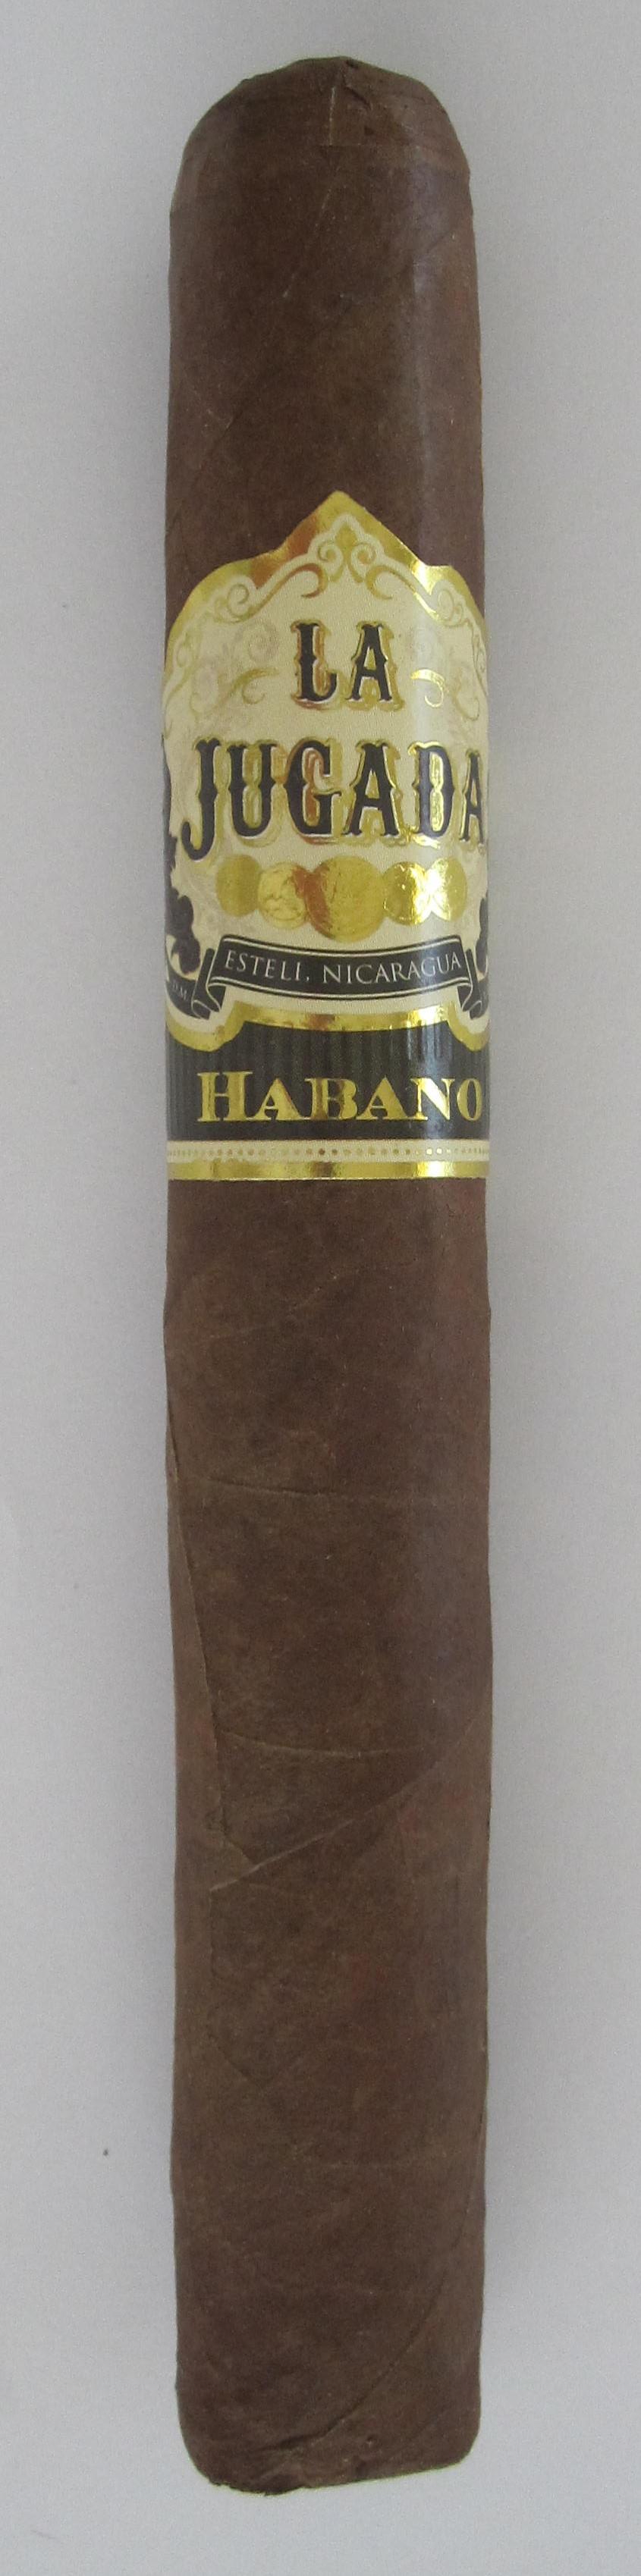 La Jugada Cigar